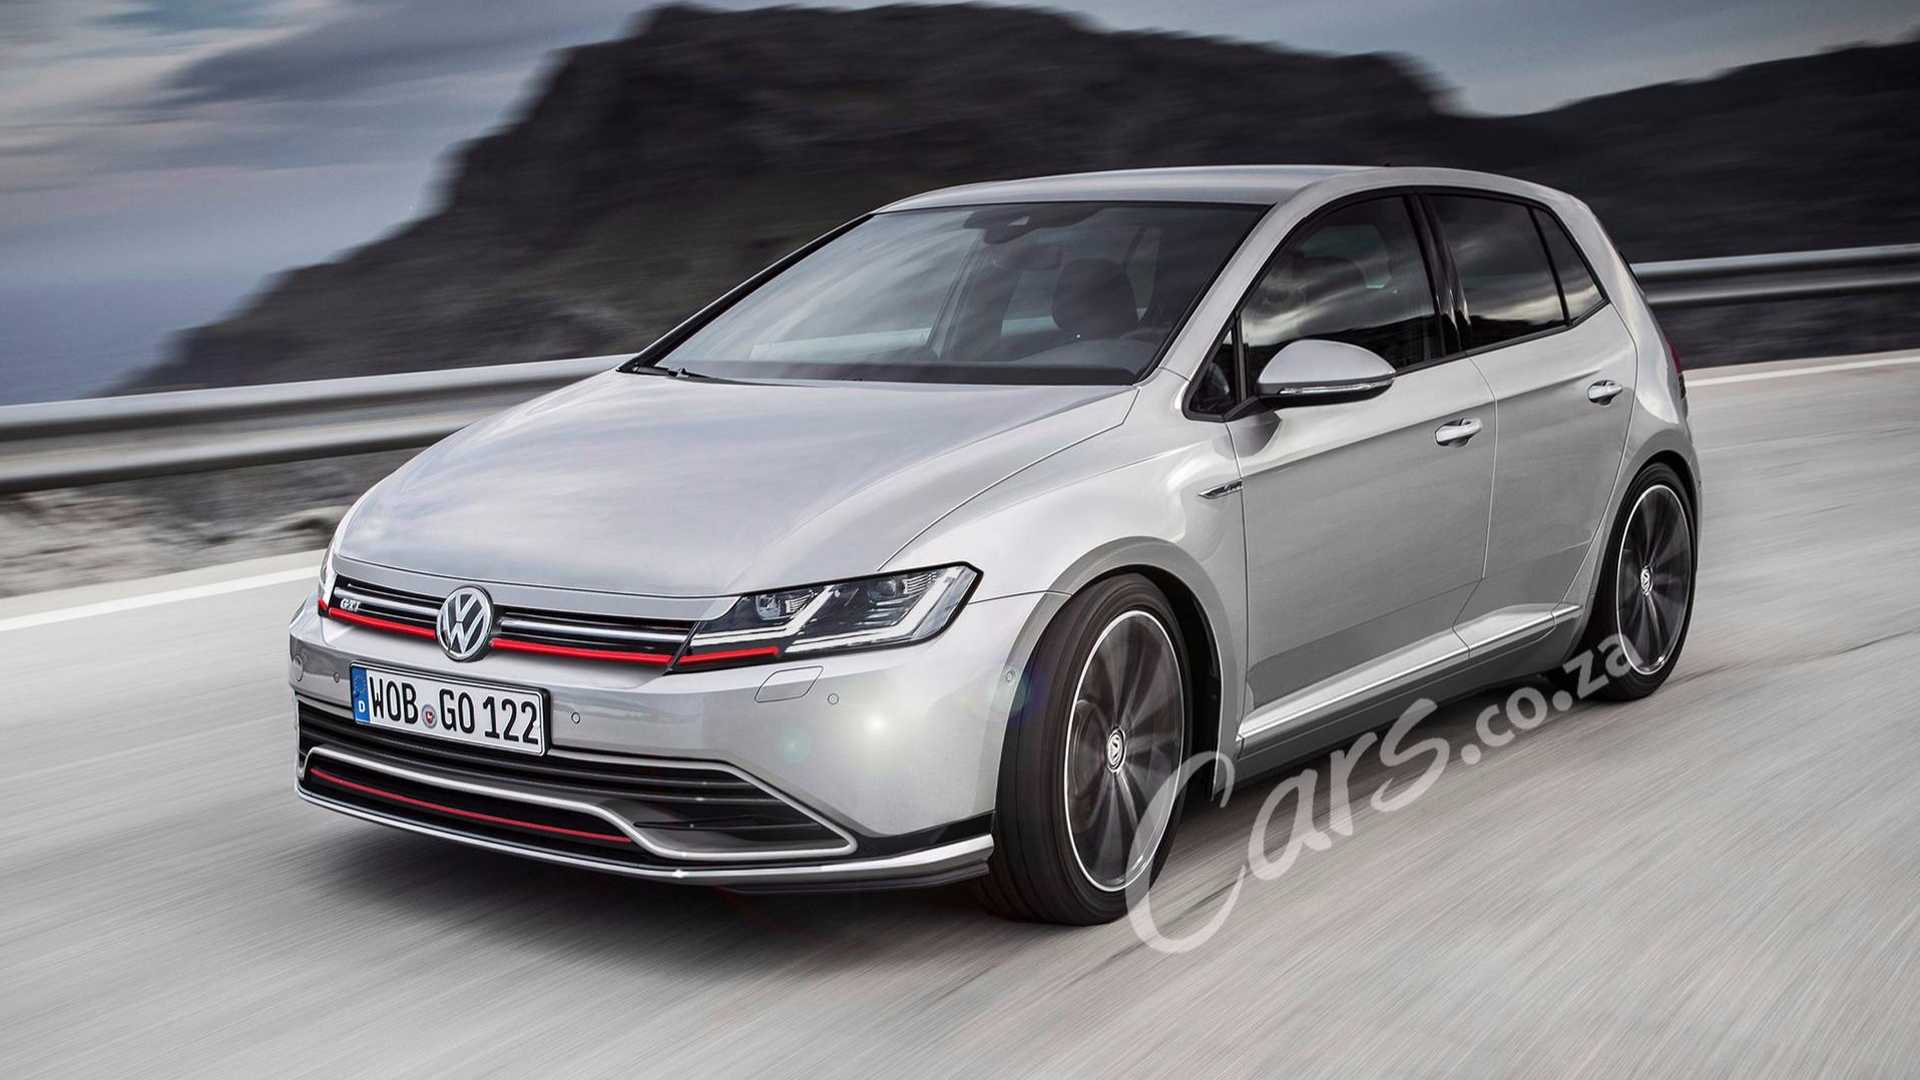 70 Great 2020 Volkswagen Golf R Overview with 2020 Volkswagen Golf R